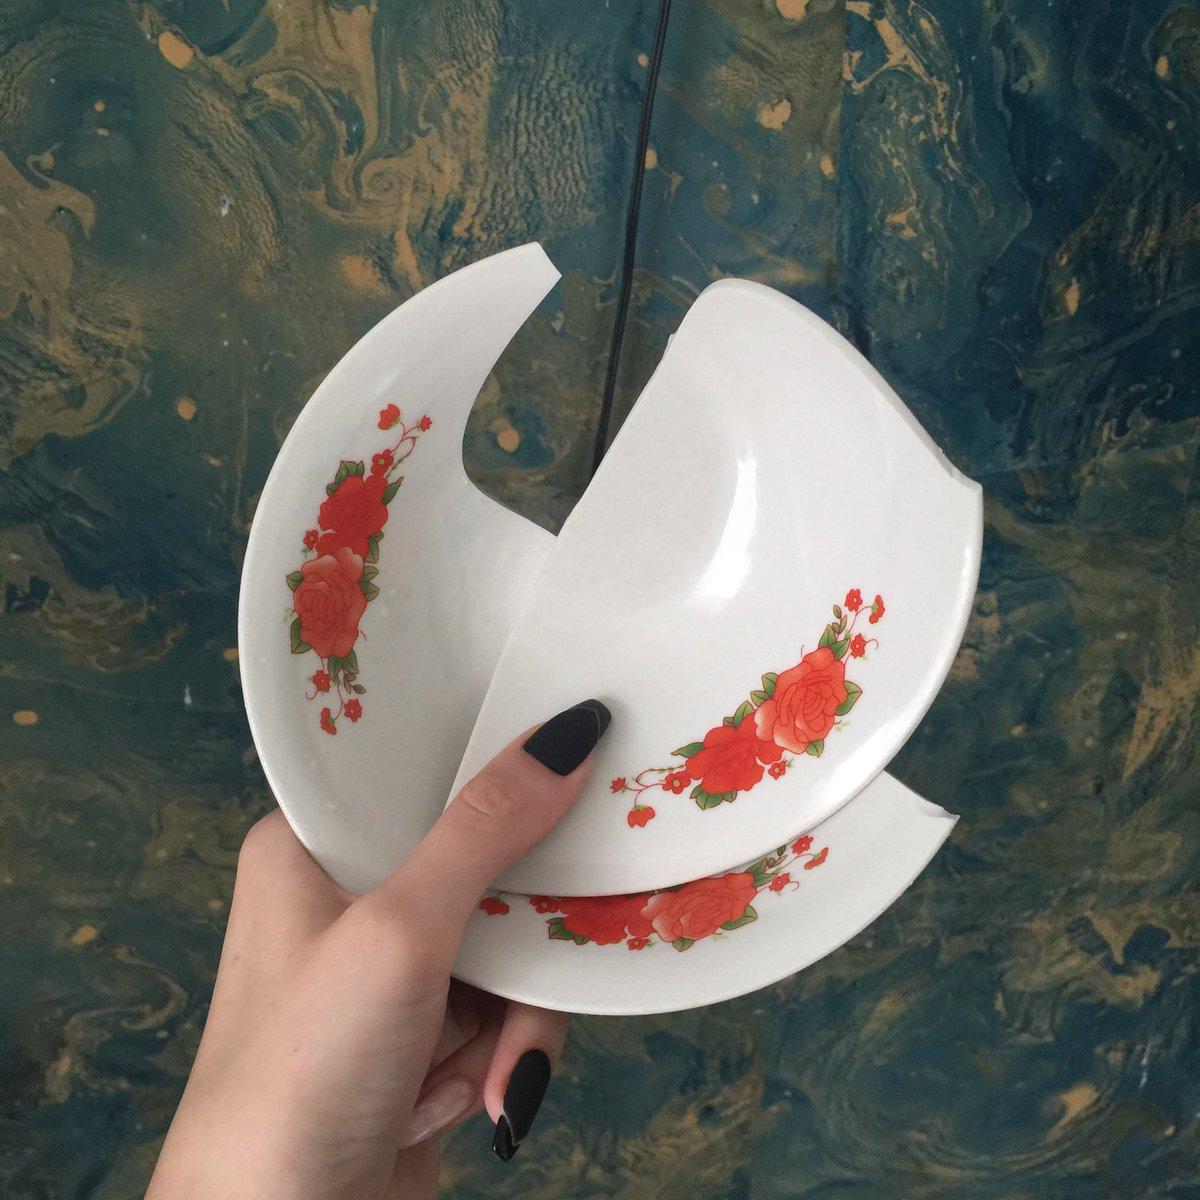 разбитая тарелка к счастью картинки том, как приготовить